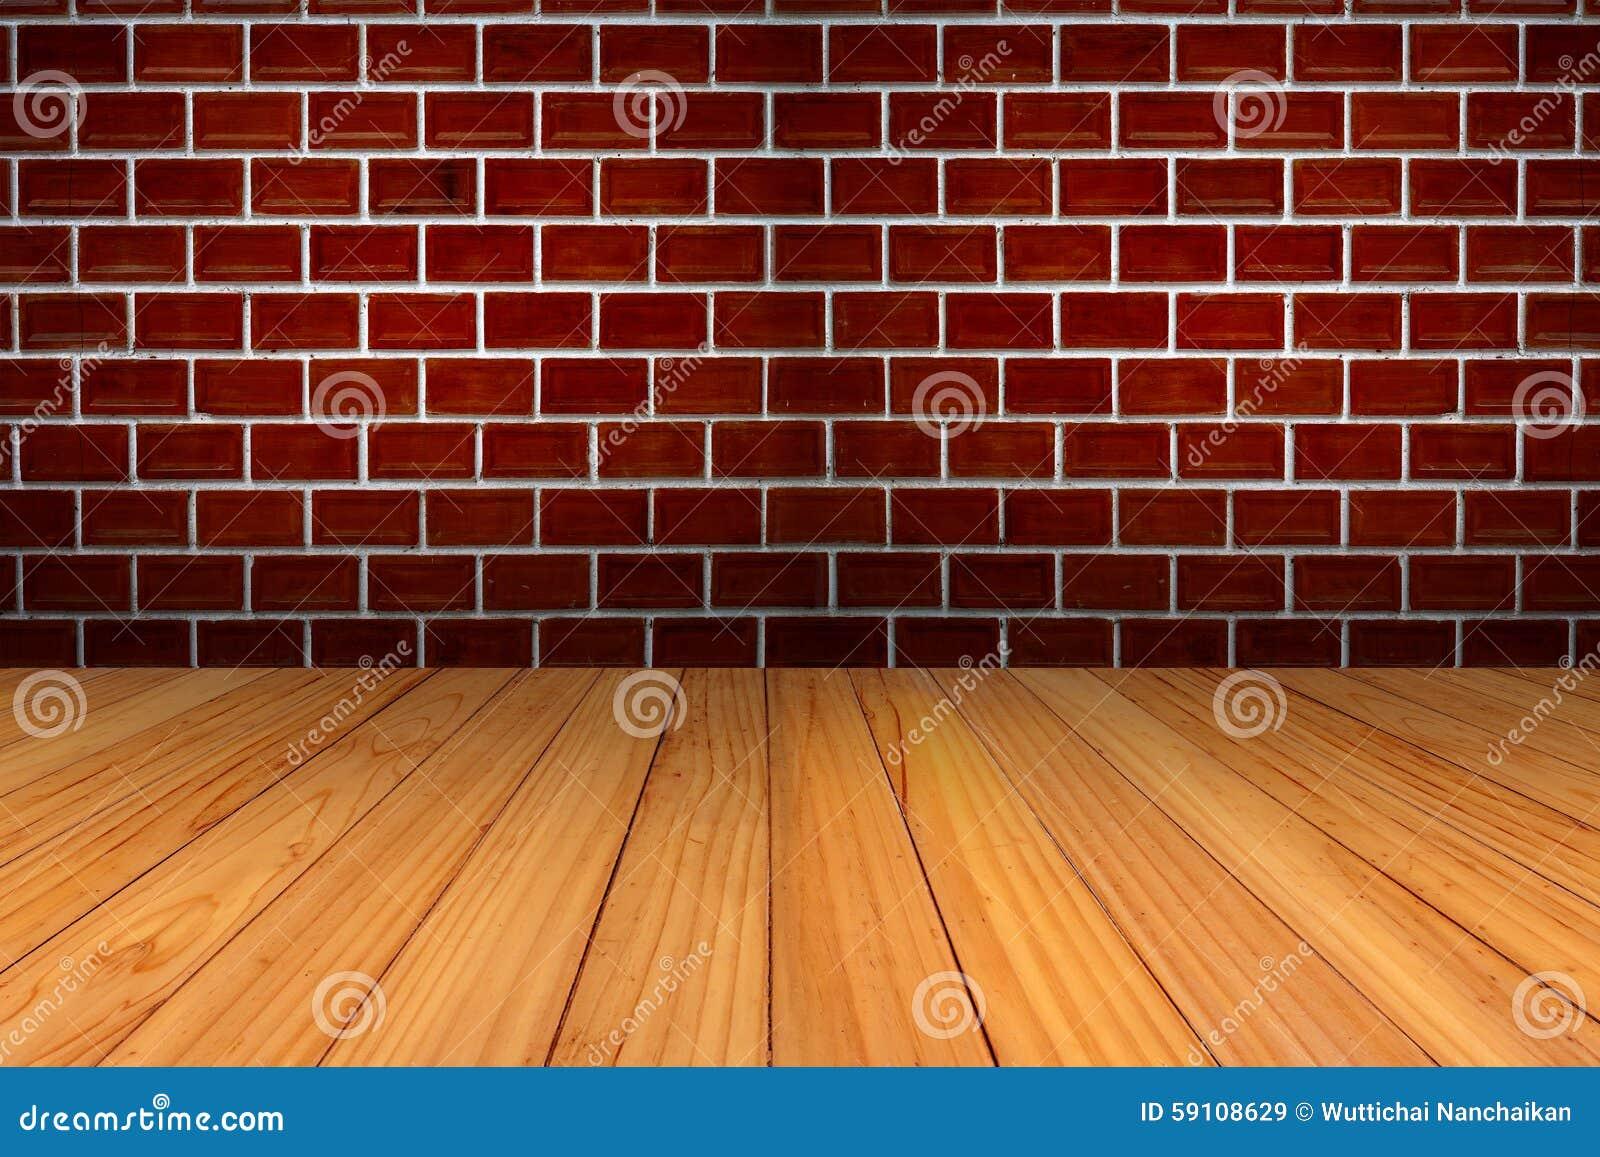 红砖墙壁和木头纹理